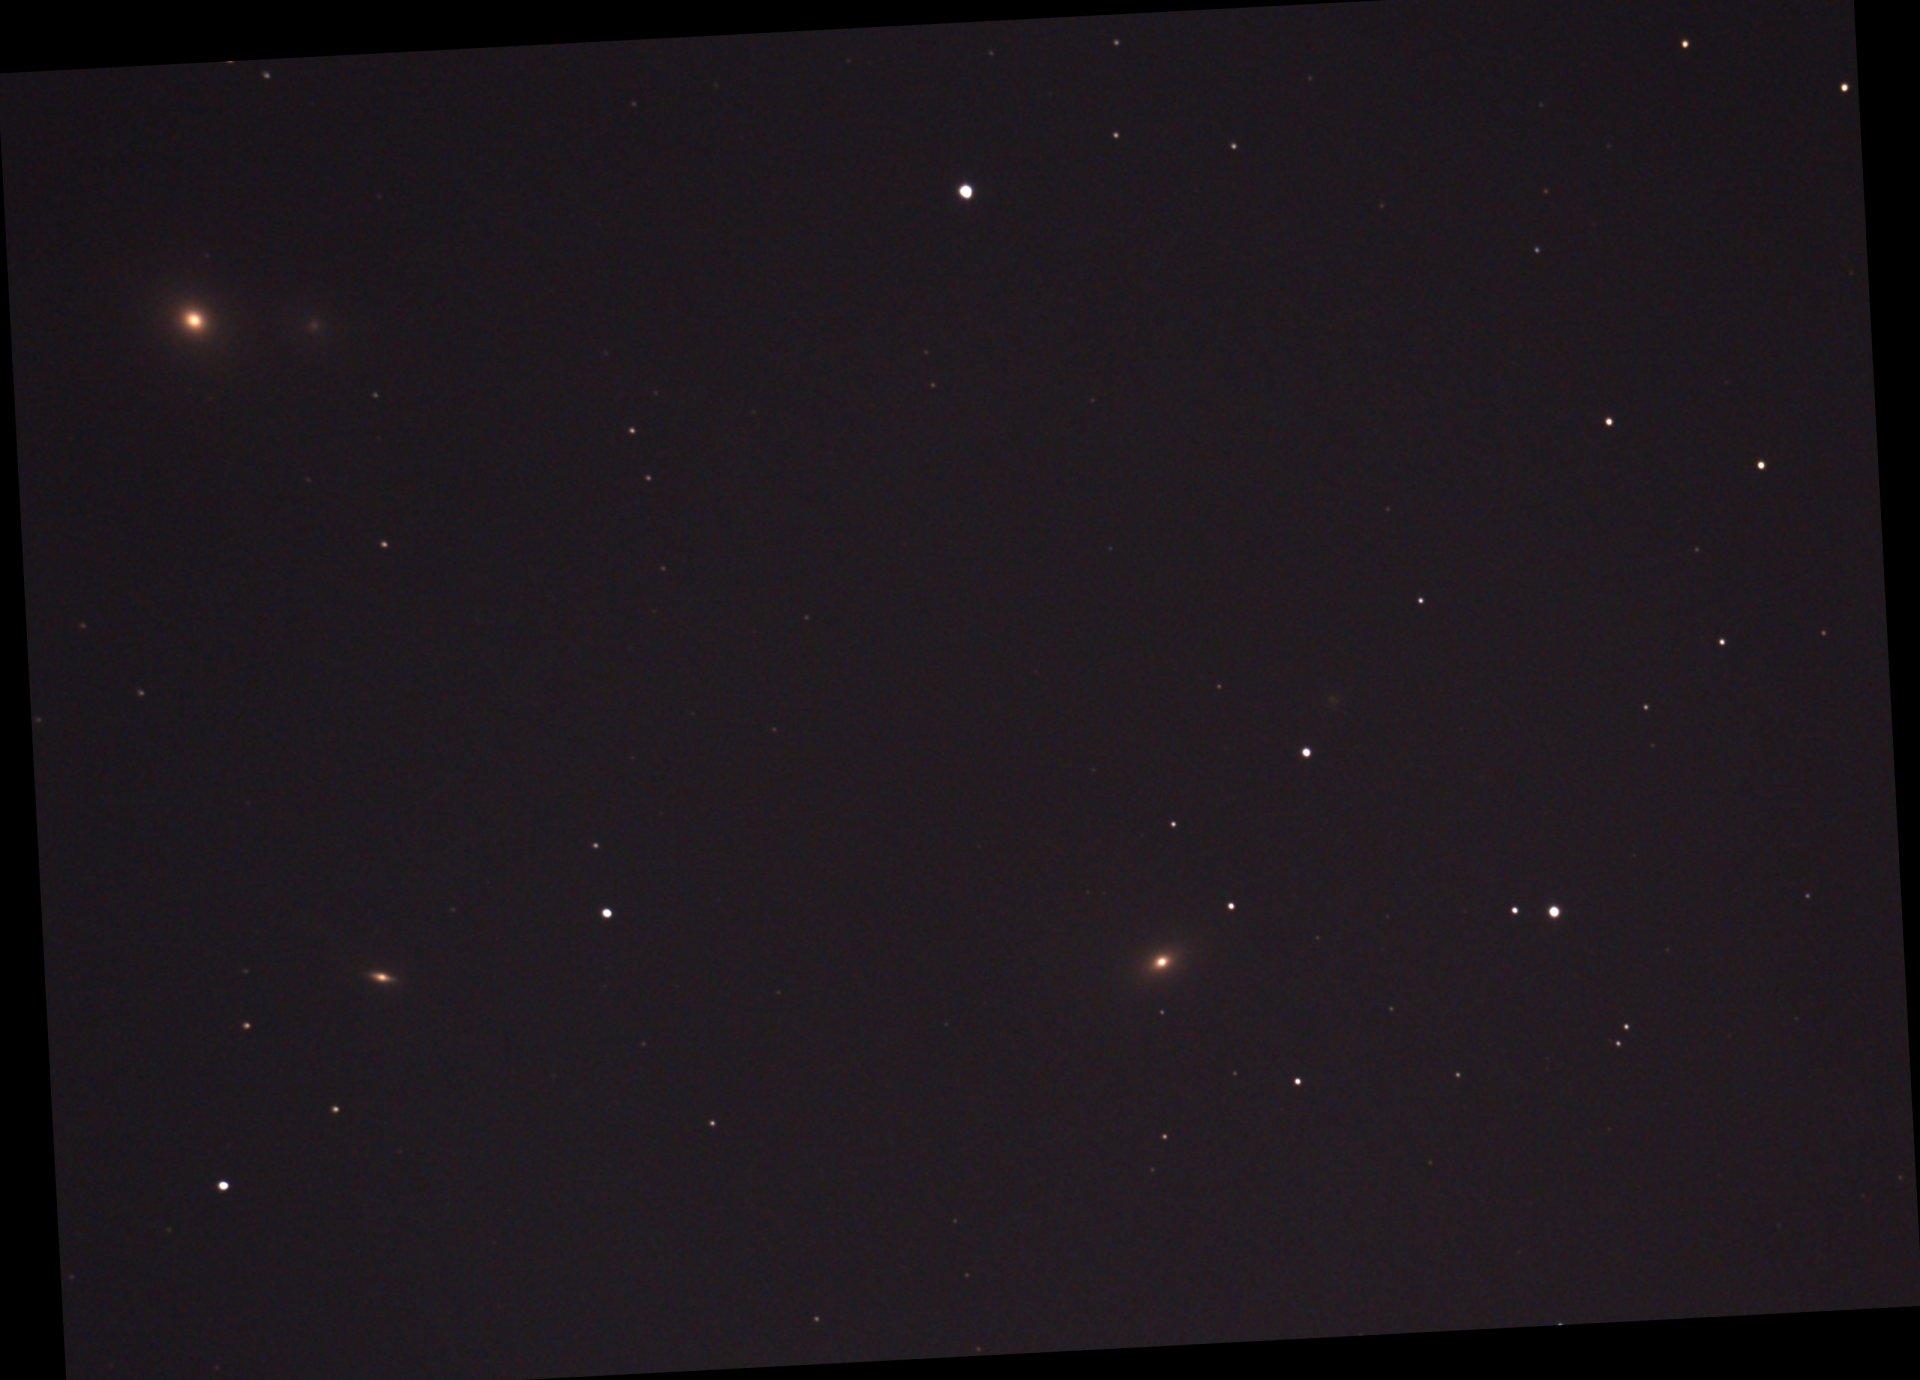 M59_NGC4638_202104-23-Ausschnitt.jpg